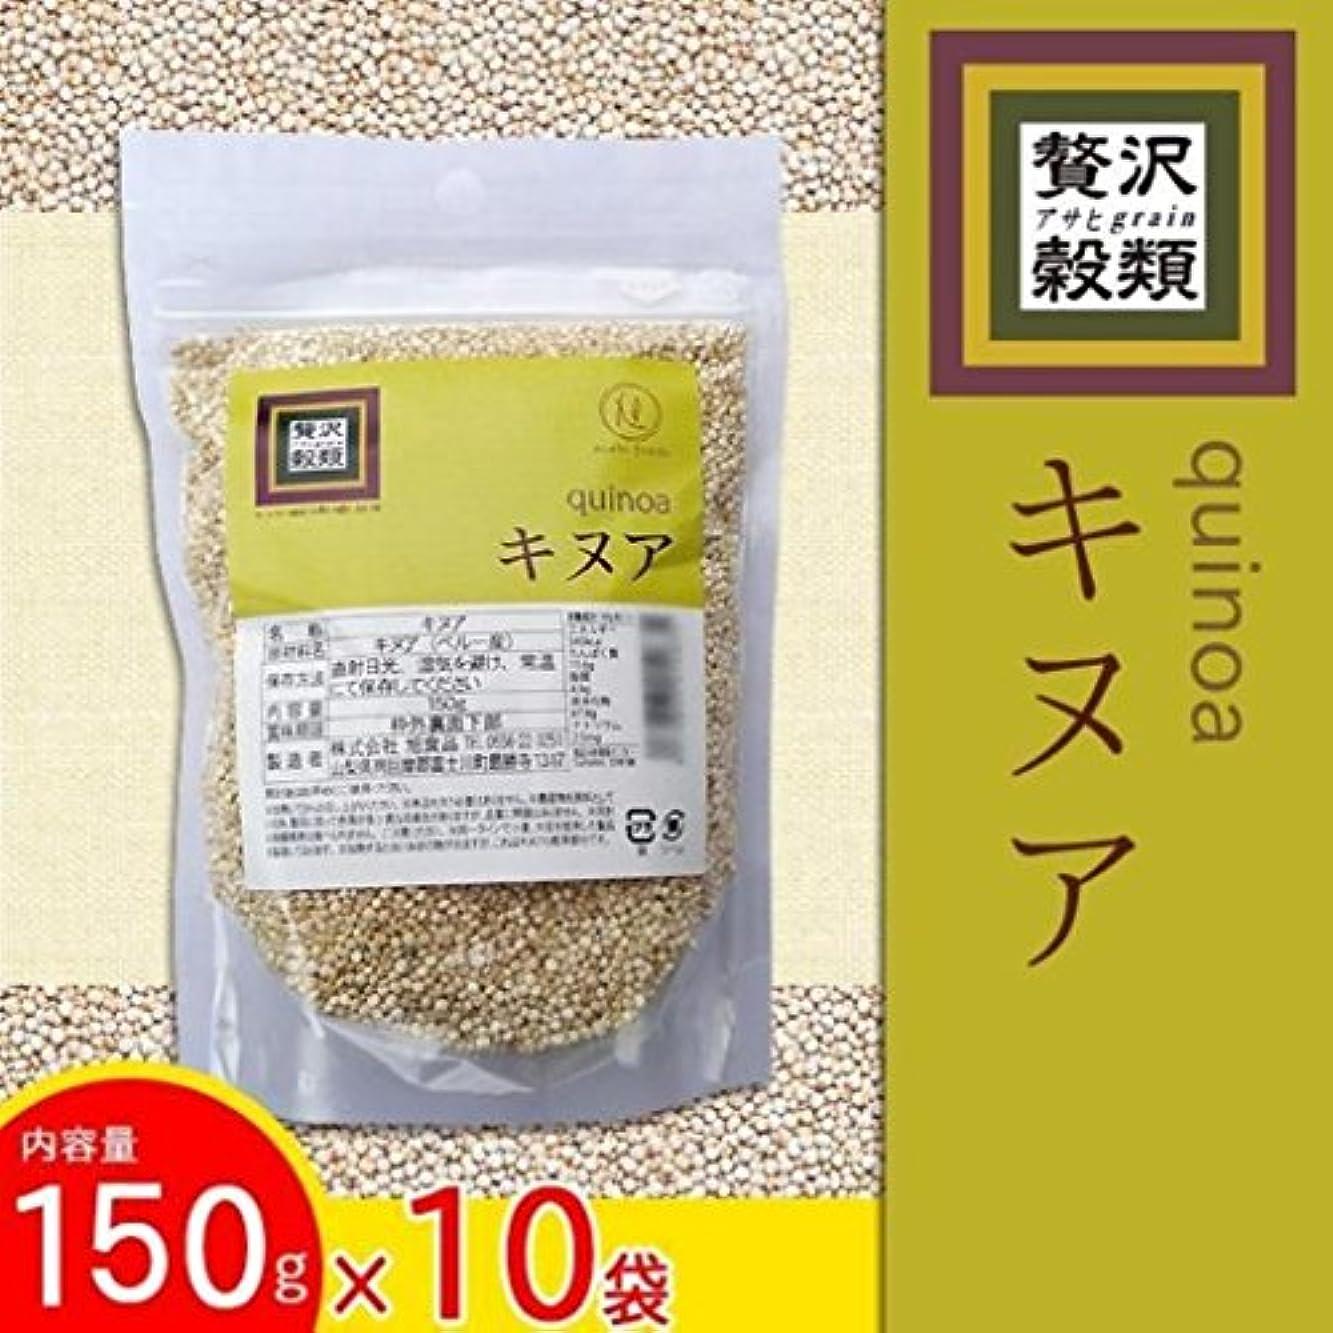 かなりクスコテレビ贅沢穀類 キヌア 150g×10袋